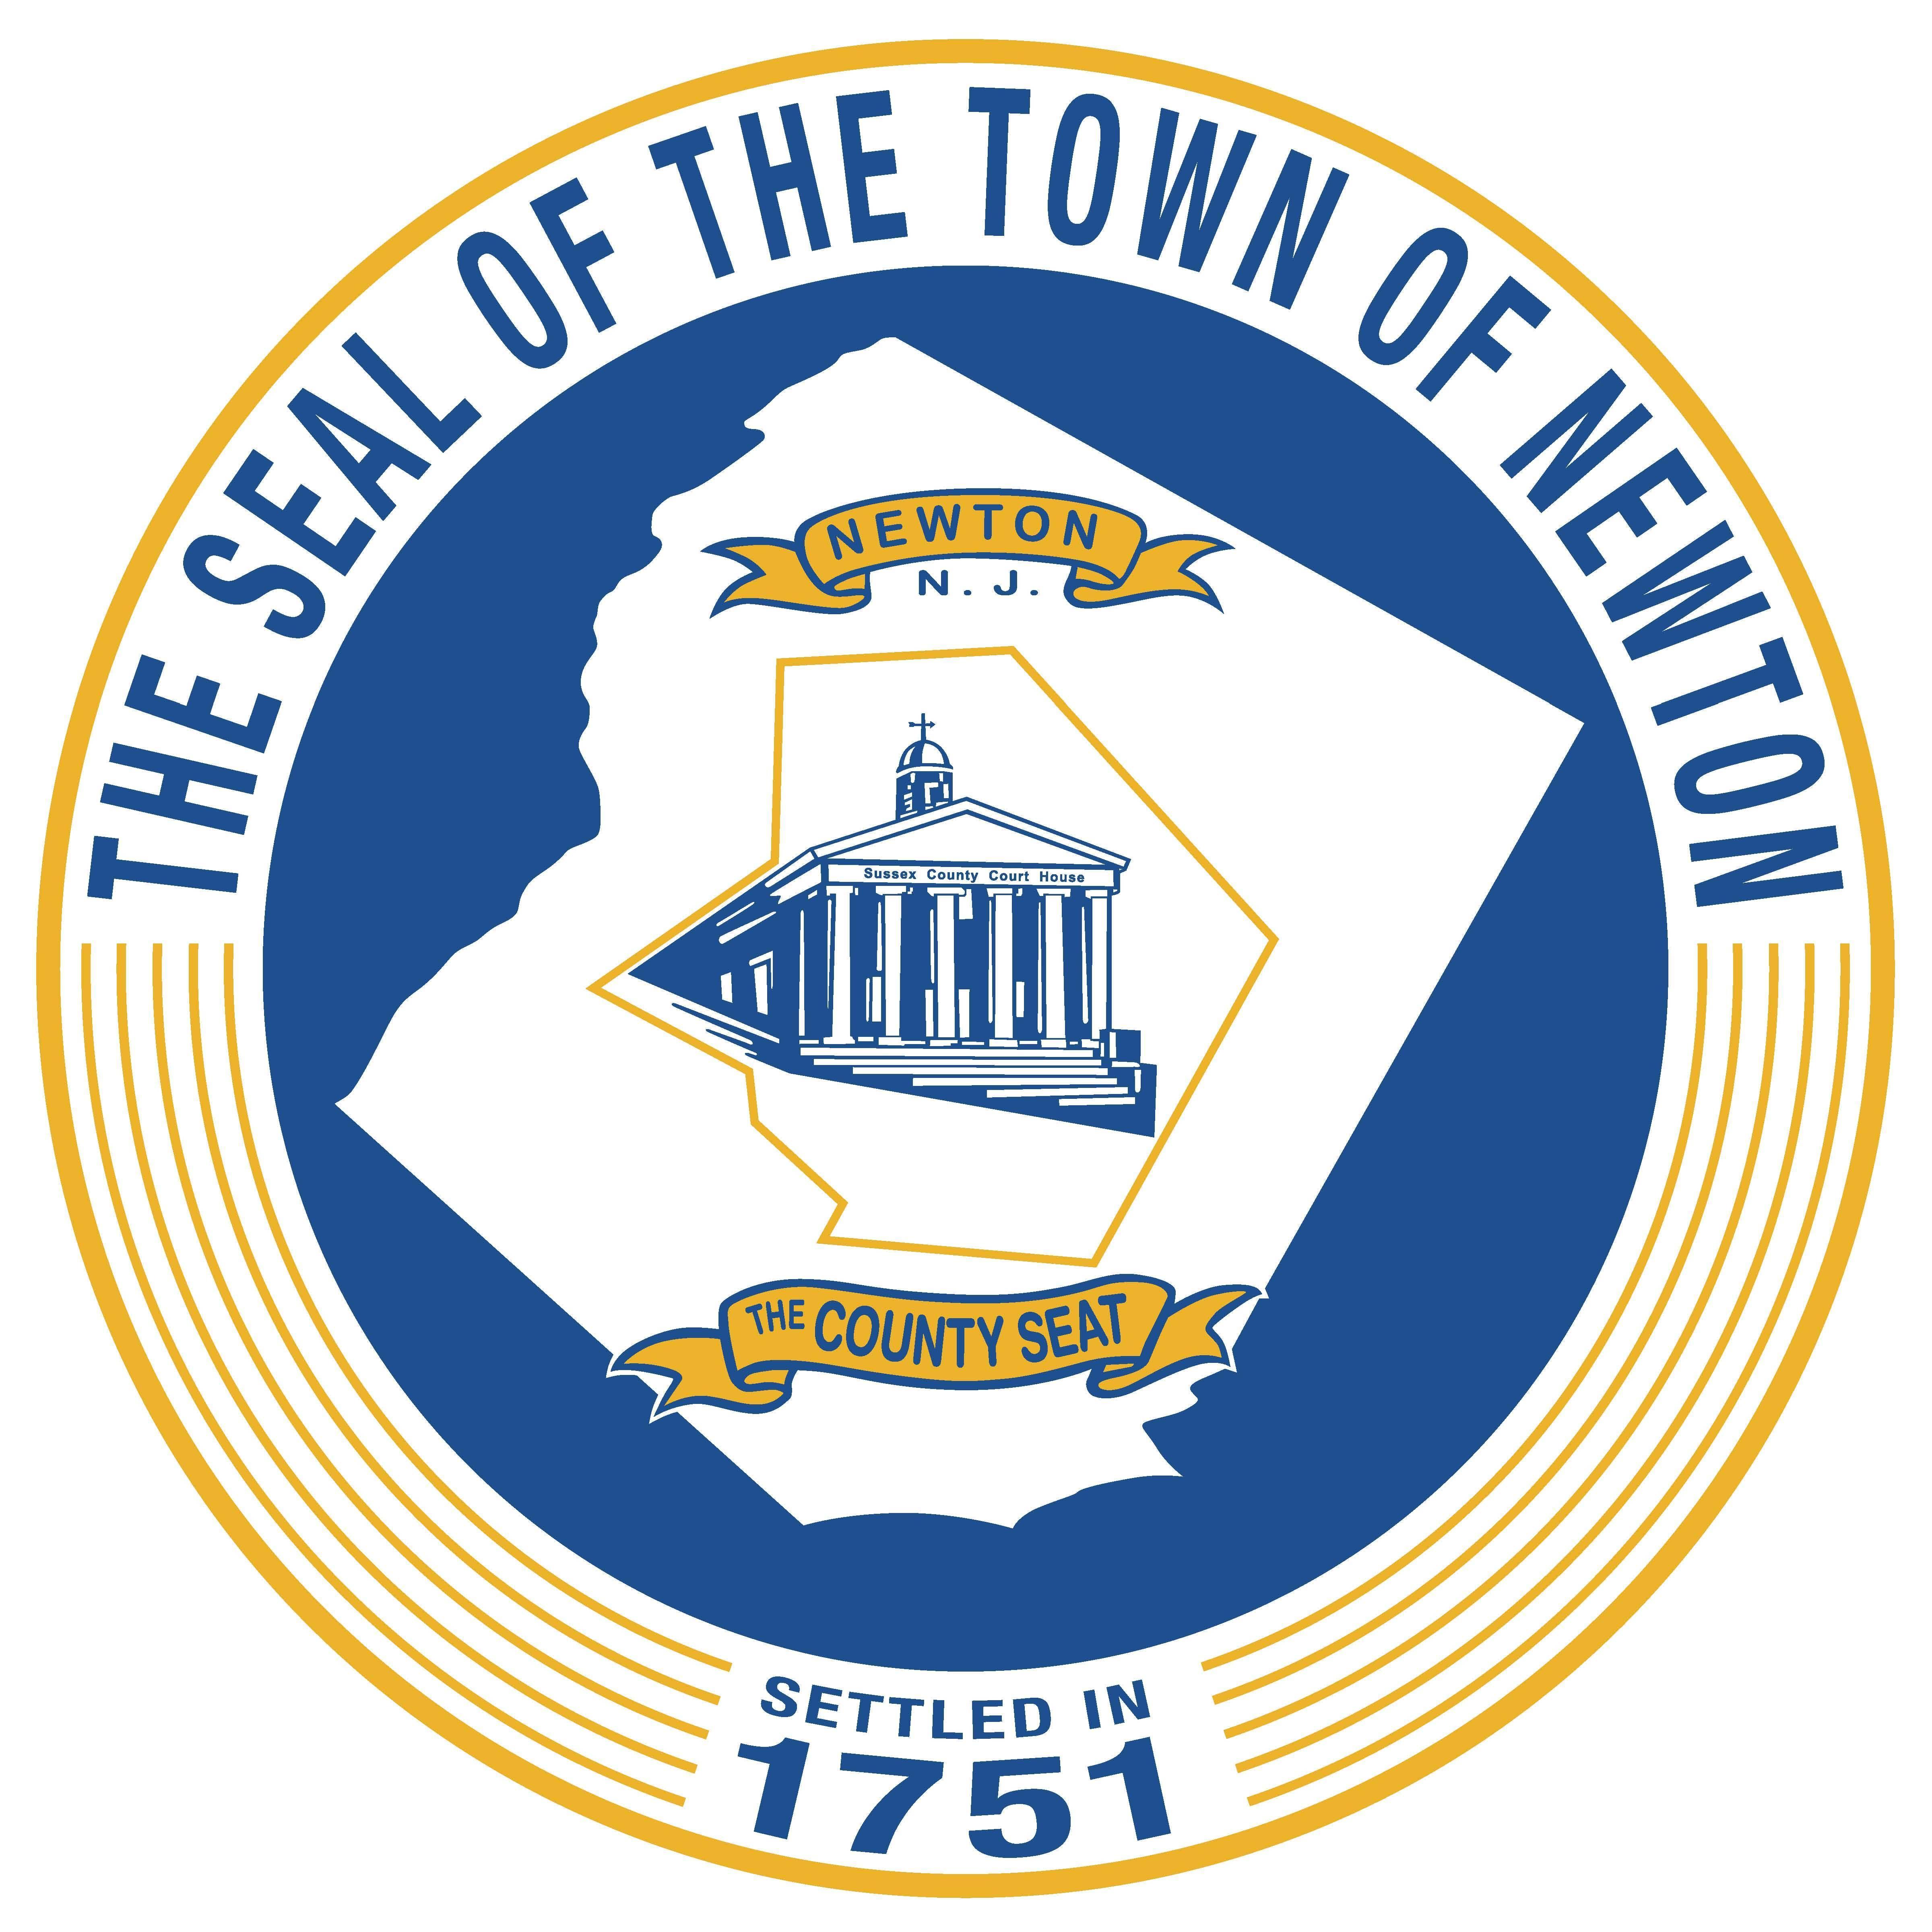 b01249c5af0498923df1_Town_Seal_05_blue_v1.jpg